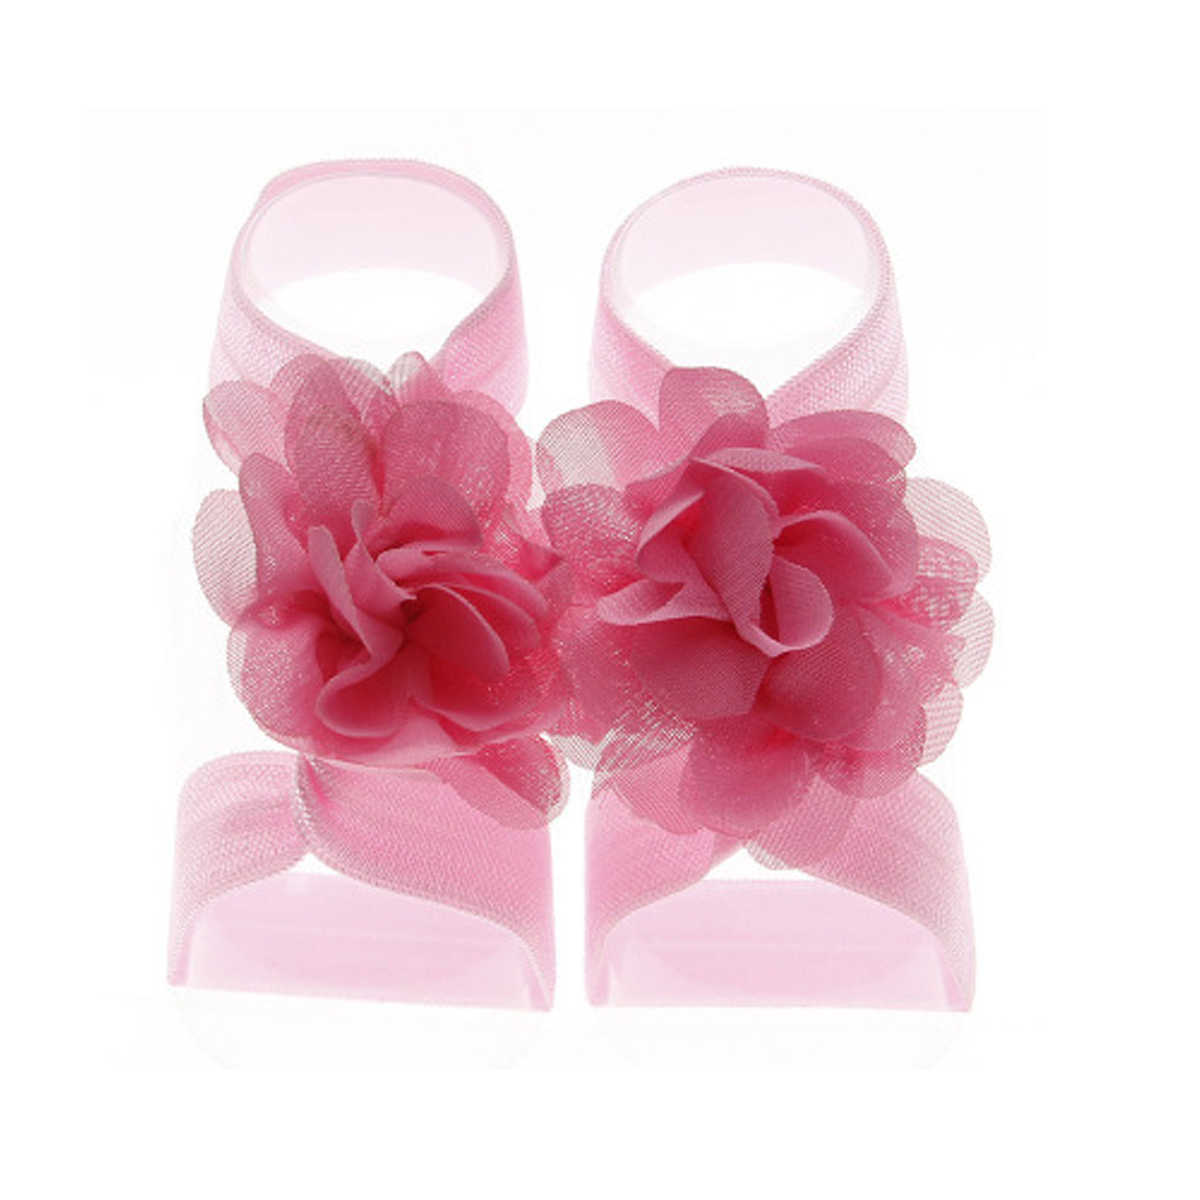 เด็กดอกไม้เท้ารองเท้าแตะเท้าเปล่ารองเท้า Photo Prop